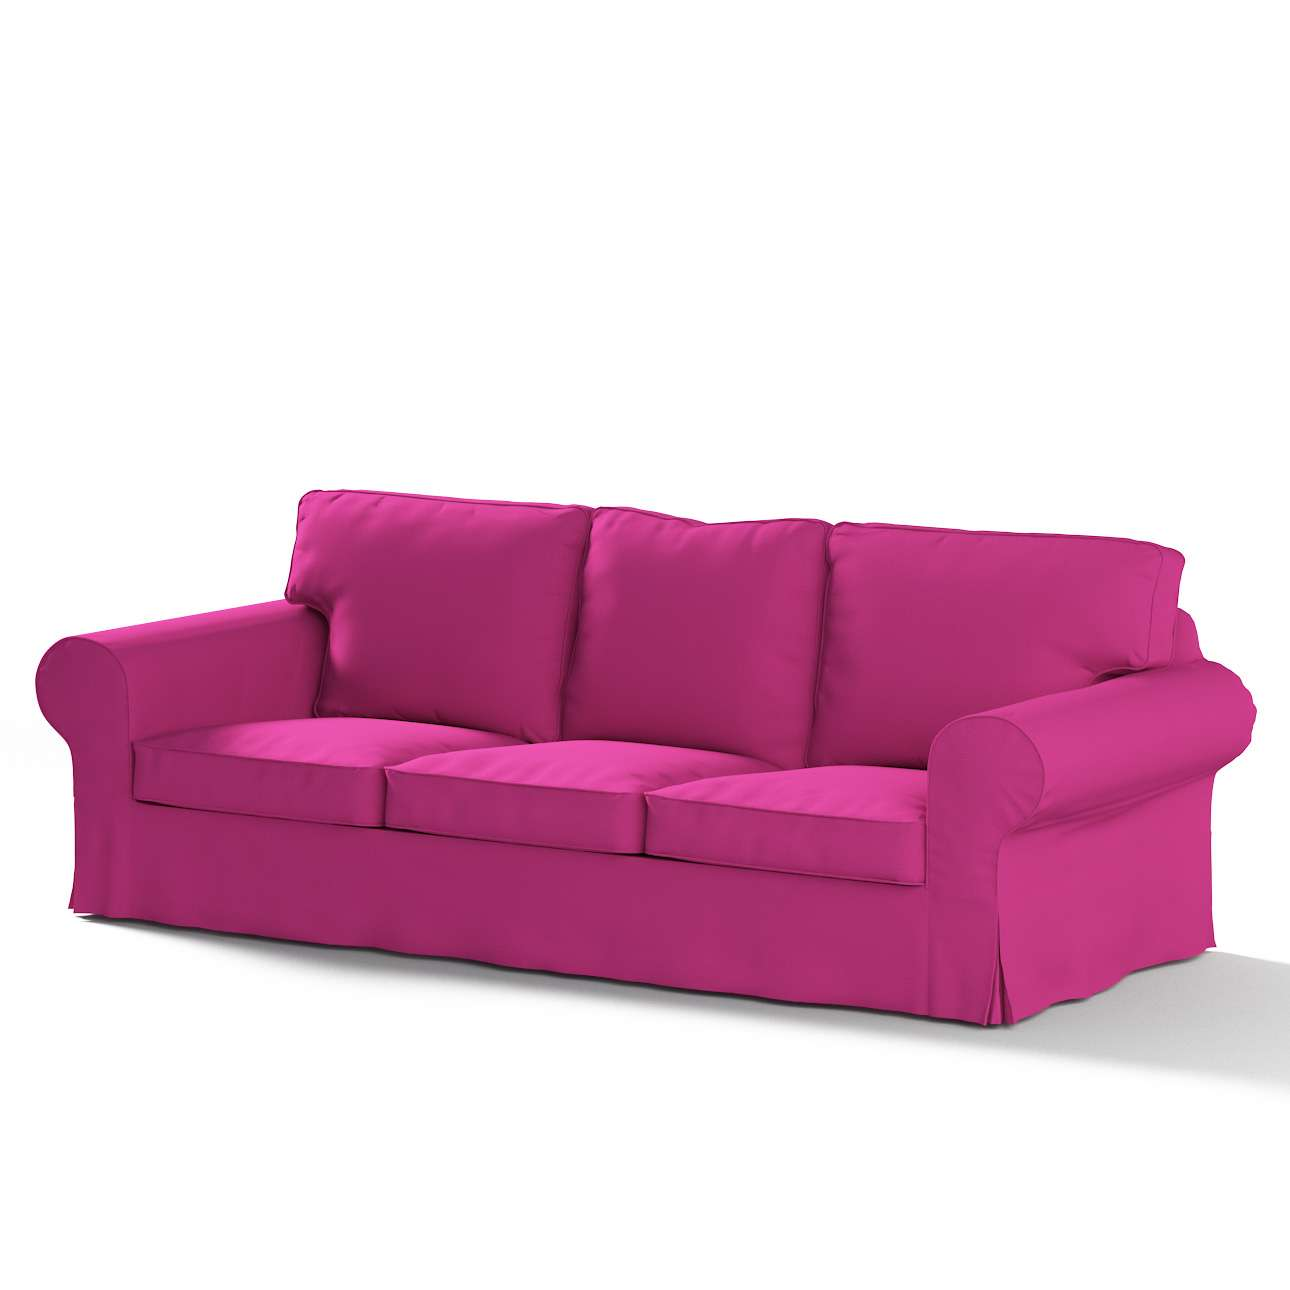 Potah na pohovku IKEA  Ektorp 3-místná, rozkládací STARÝ MODEL pohovka Ektorp 3-místná rozkládací v kolekci Etna, látka: 705-23